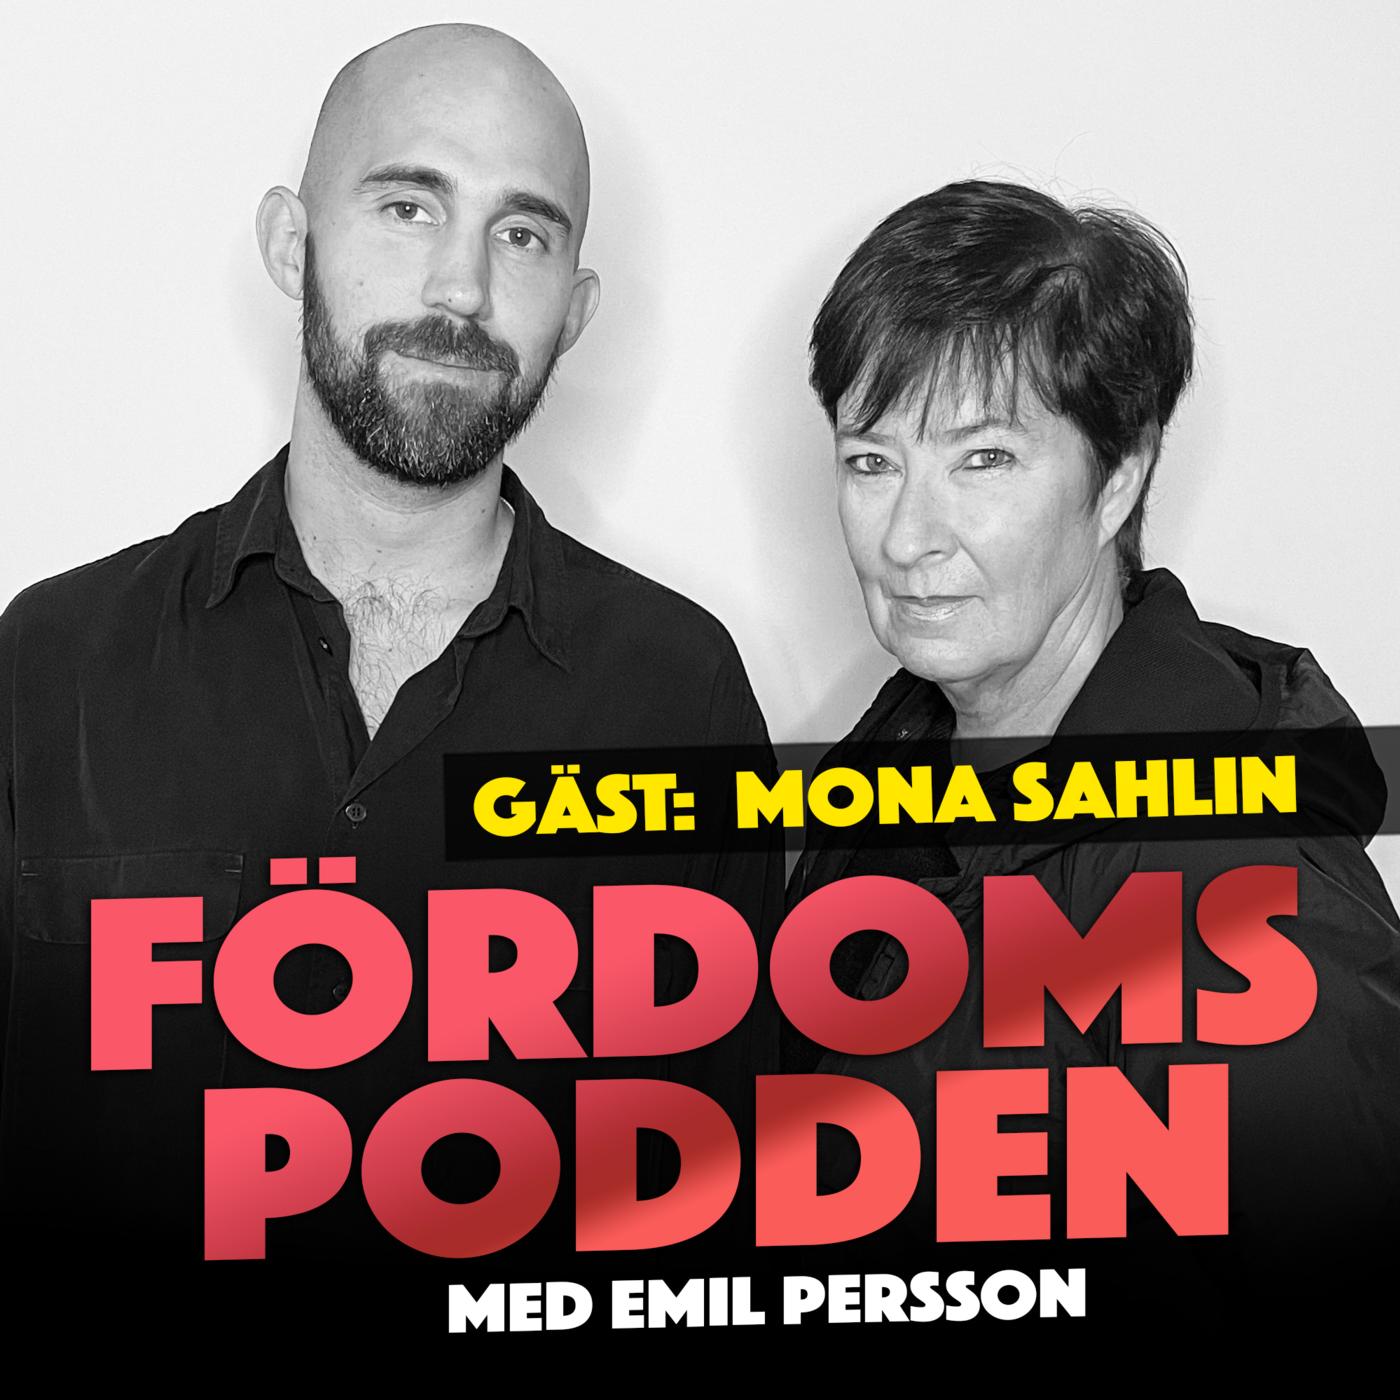 #144 Leder Mona Sahlins morgontrötthet ofta till kluttig mascara?